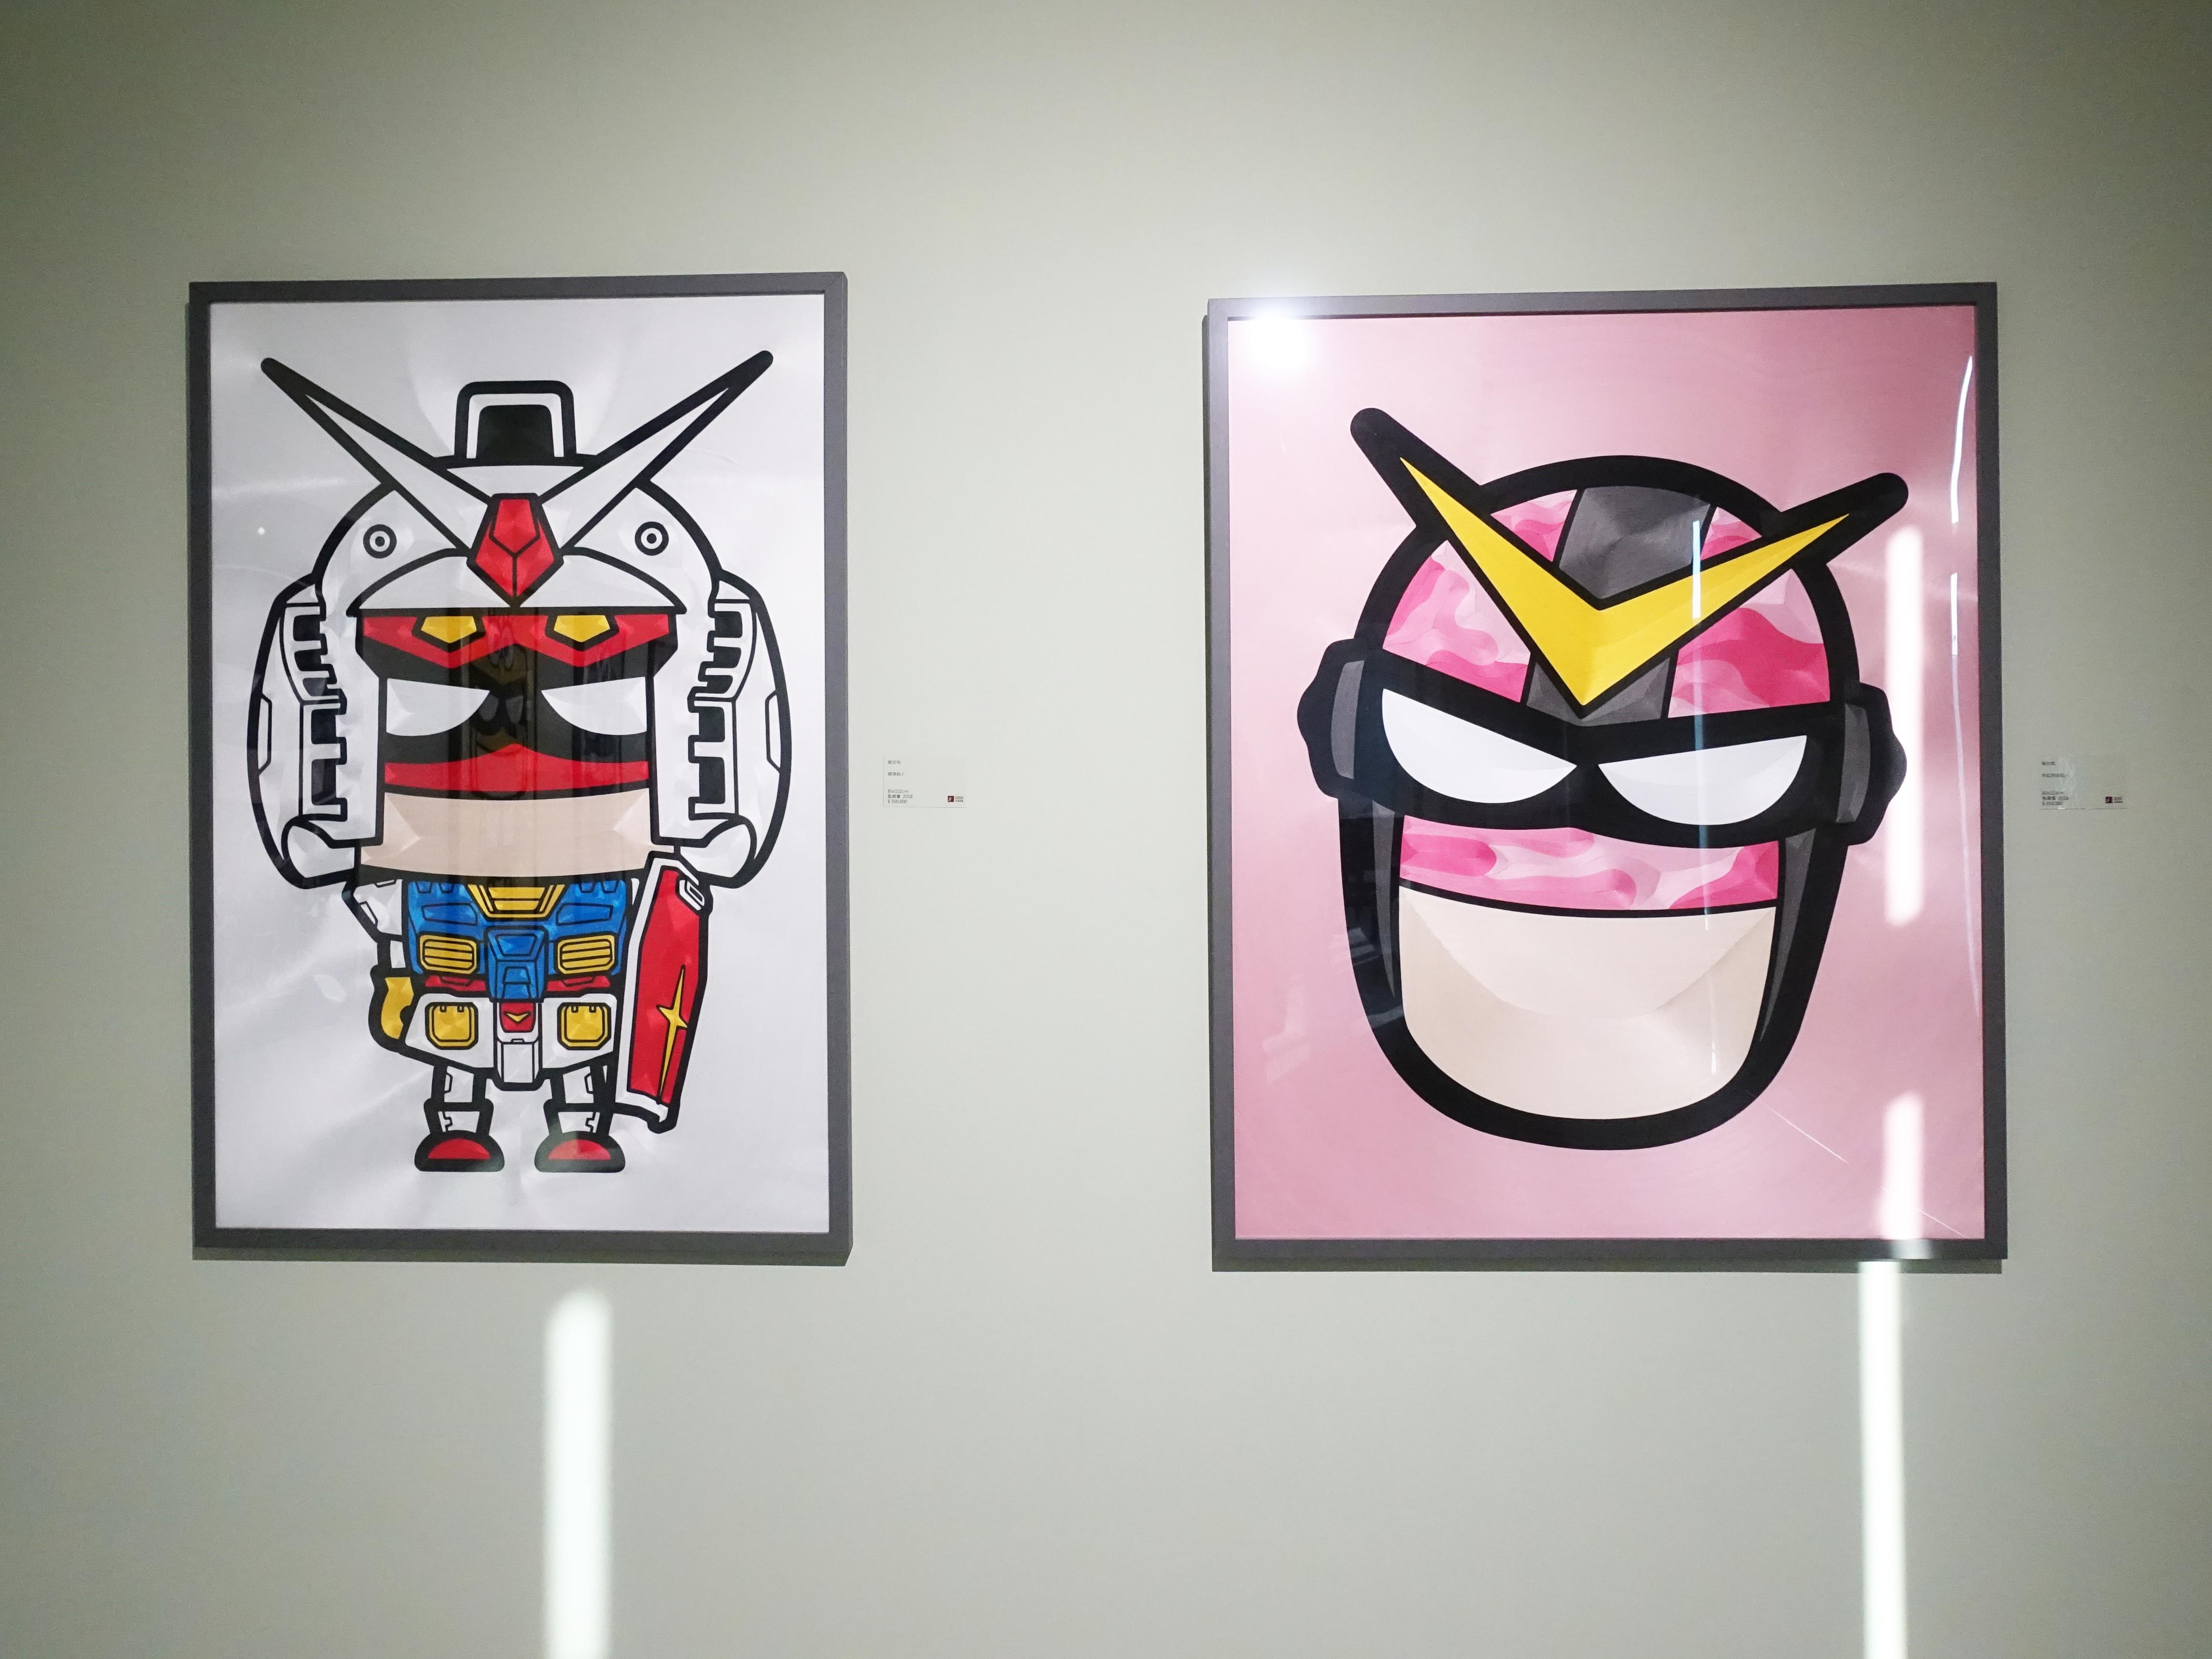 蔡忠和,《鋼彈超人》,80 x 105 cm,點線畫,2018。《粉紅迷彩超人》,80 x 100 cm,點線畫,2018。